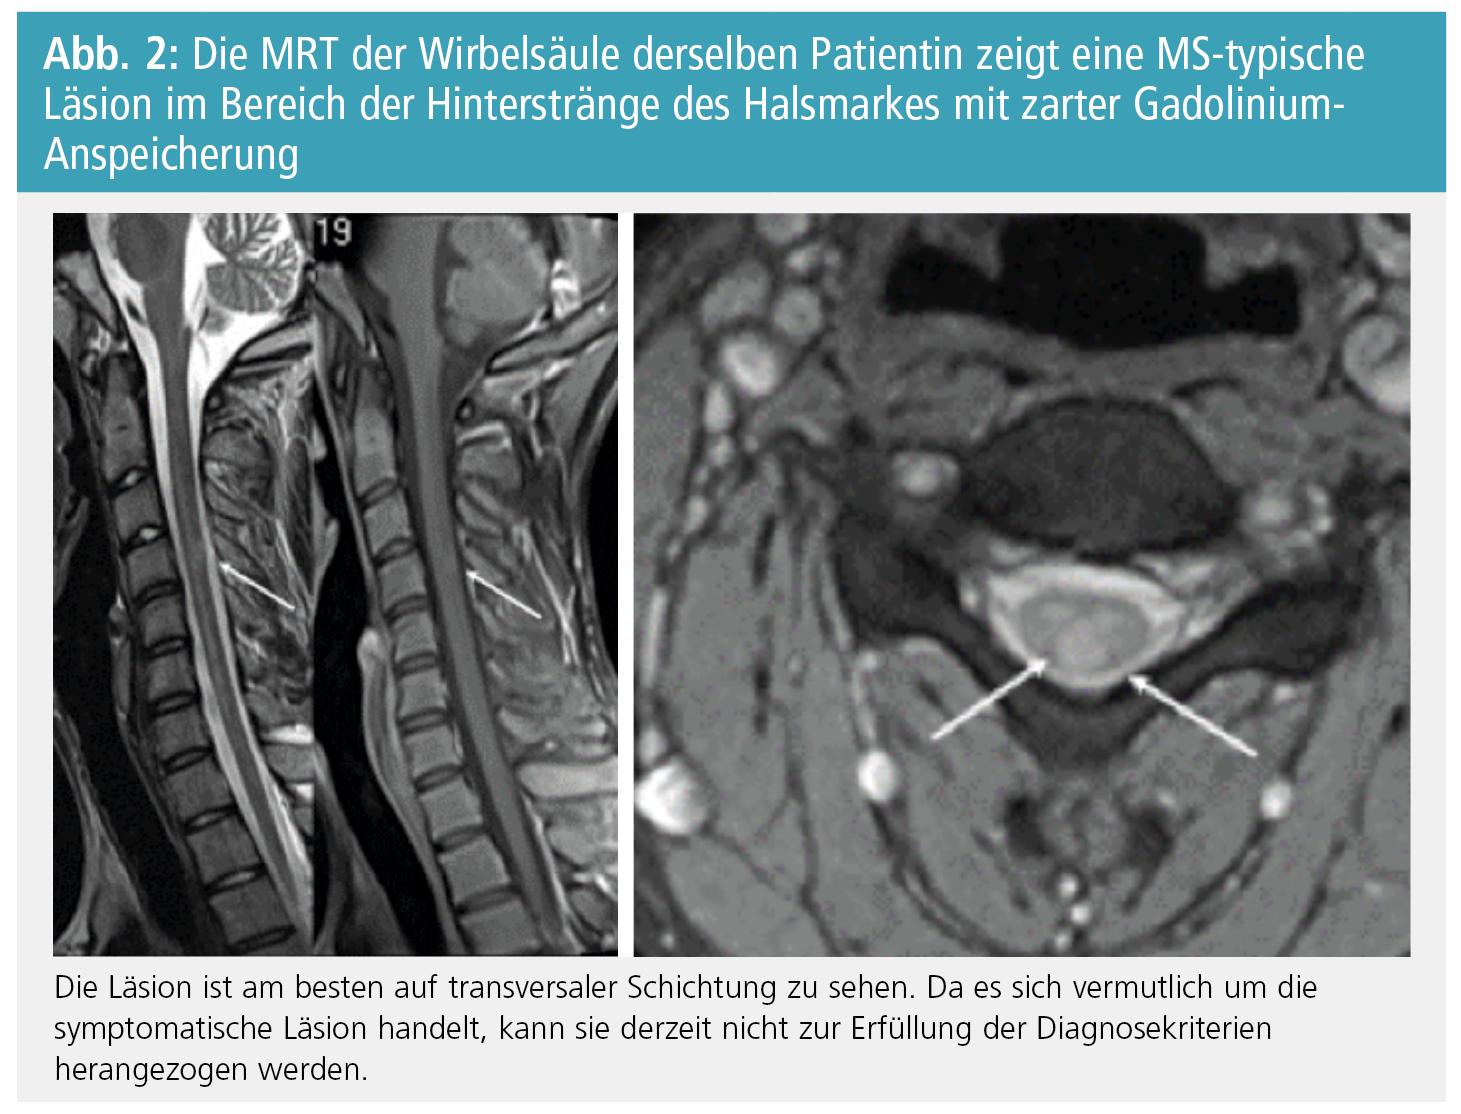 Aktuelle Diagnosekriterien der MS II – Möglichkeiten, Gefahren und ...